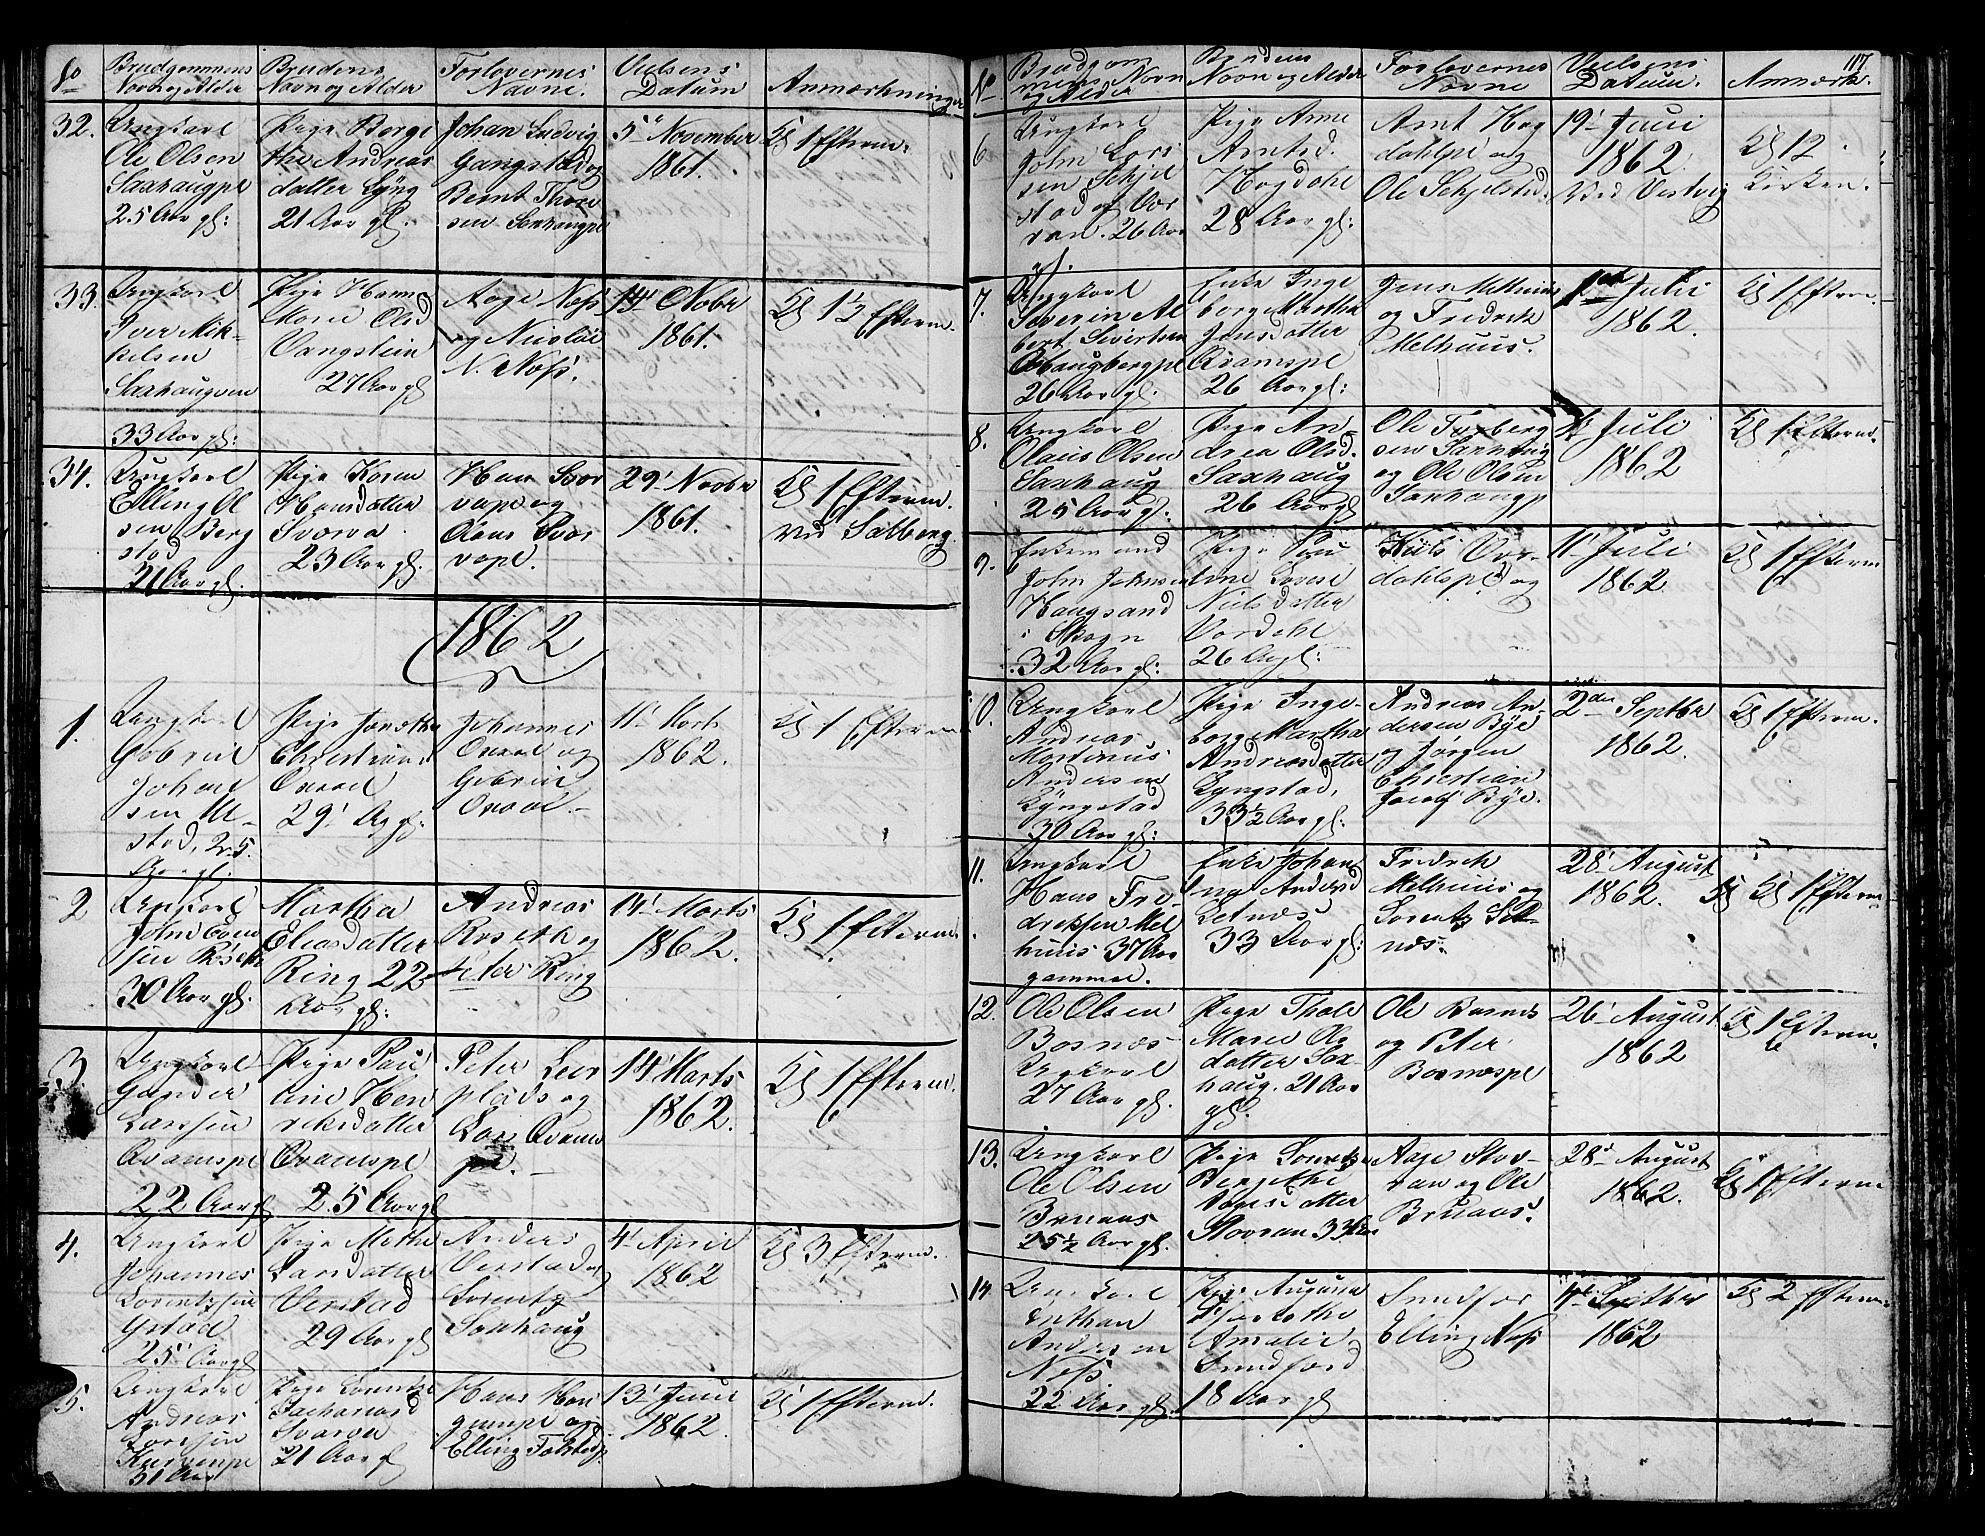 SAT, Ministerialprotokoller, klokkerbøker og fødselsregistre - Nord-Trøndelag, 730/L0299: Klokkerbok nr. 730C02, 1849-1871, s. 117